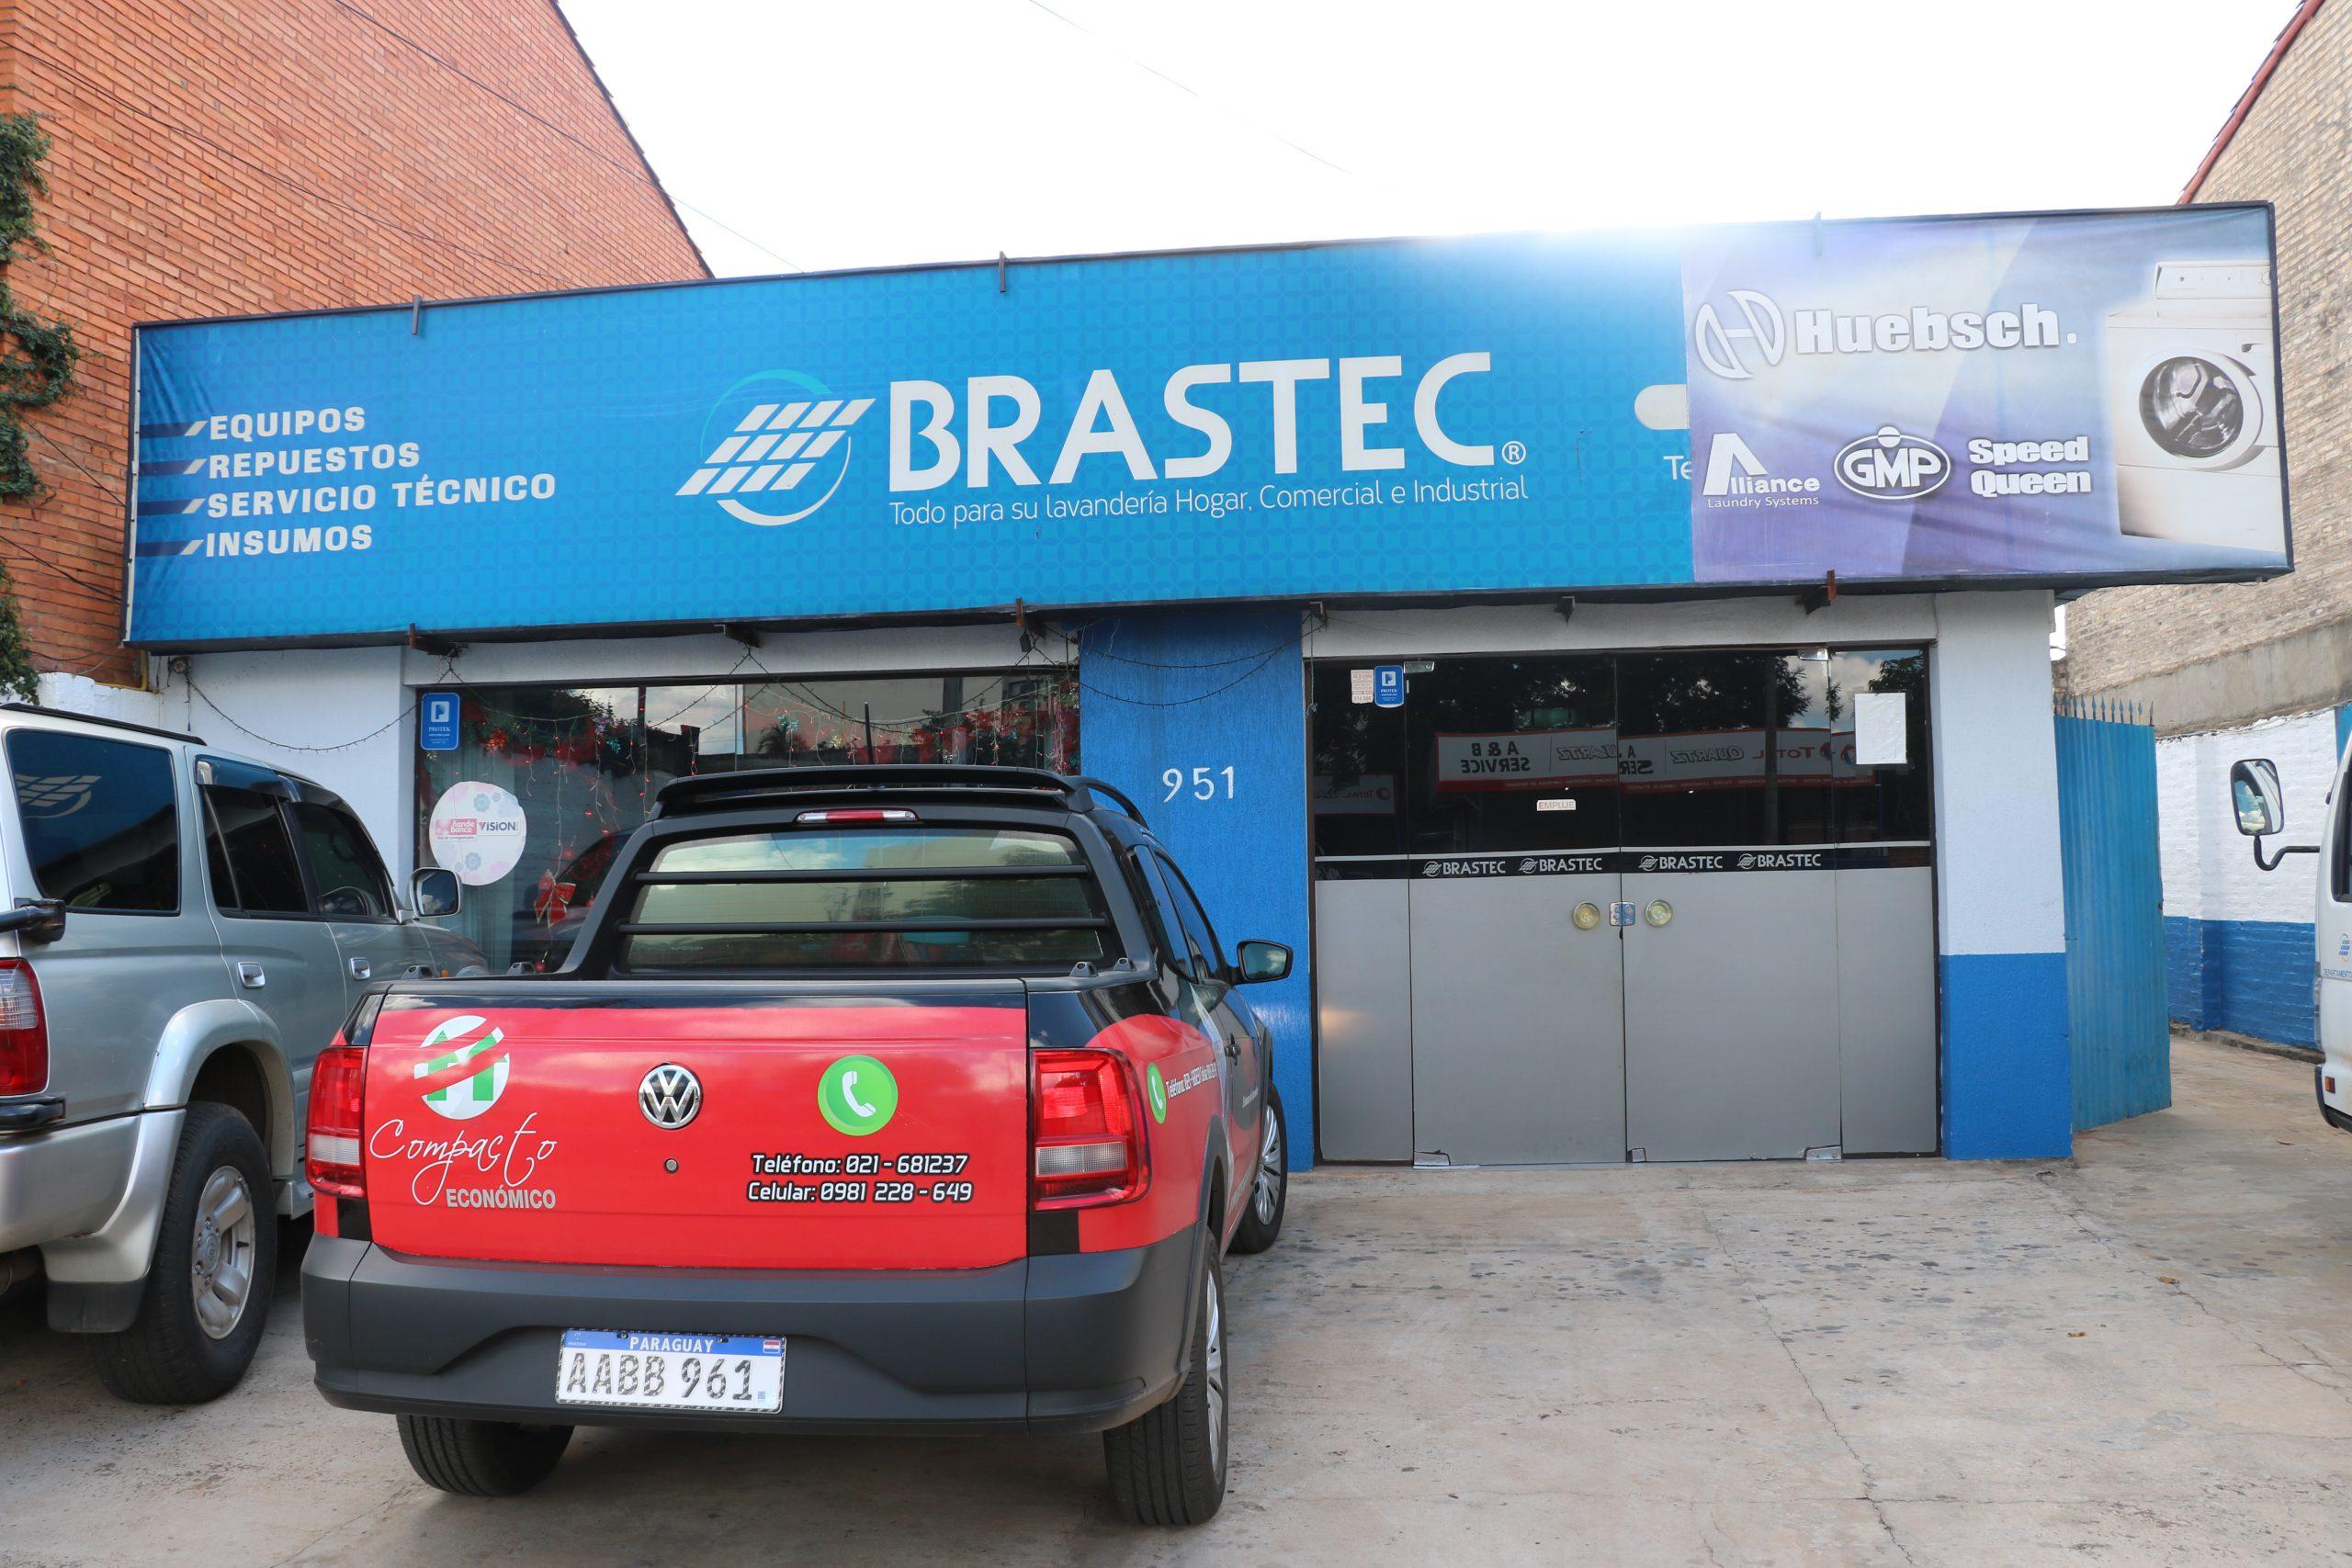 BRASTEC, TRAYECTORIA Y CALIDAD